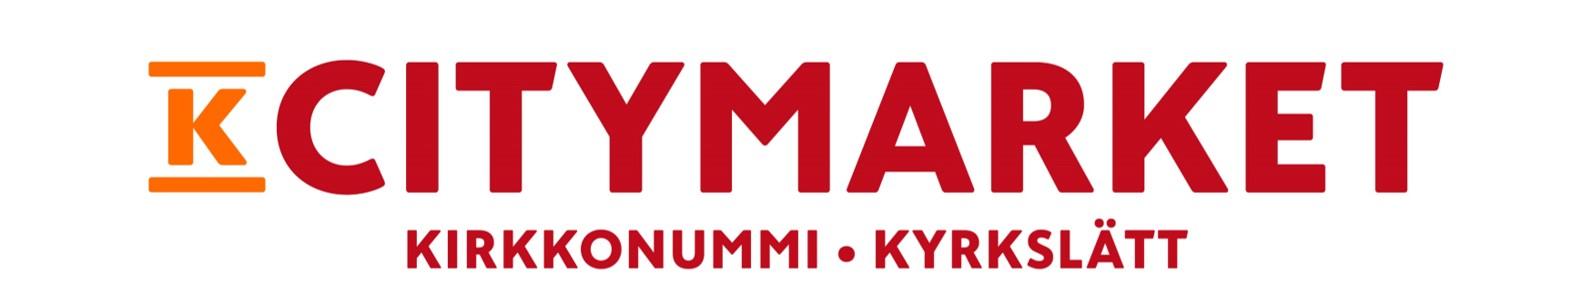 K‑Citymarket Kirkkonummi